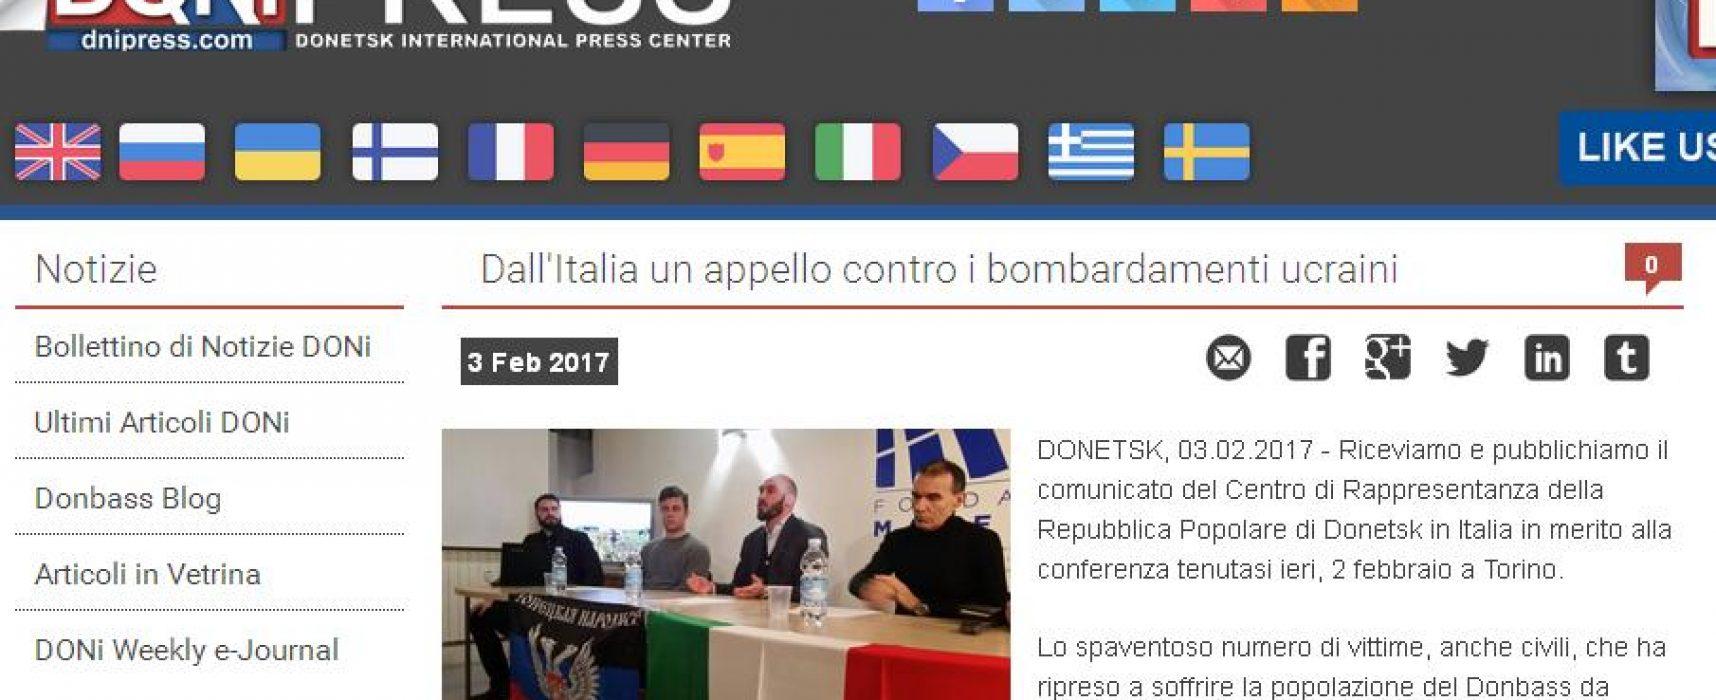 Consolato fake DNR di Torino rilancia la propaganda russa in Italia